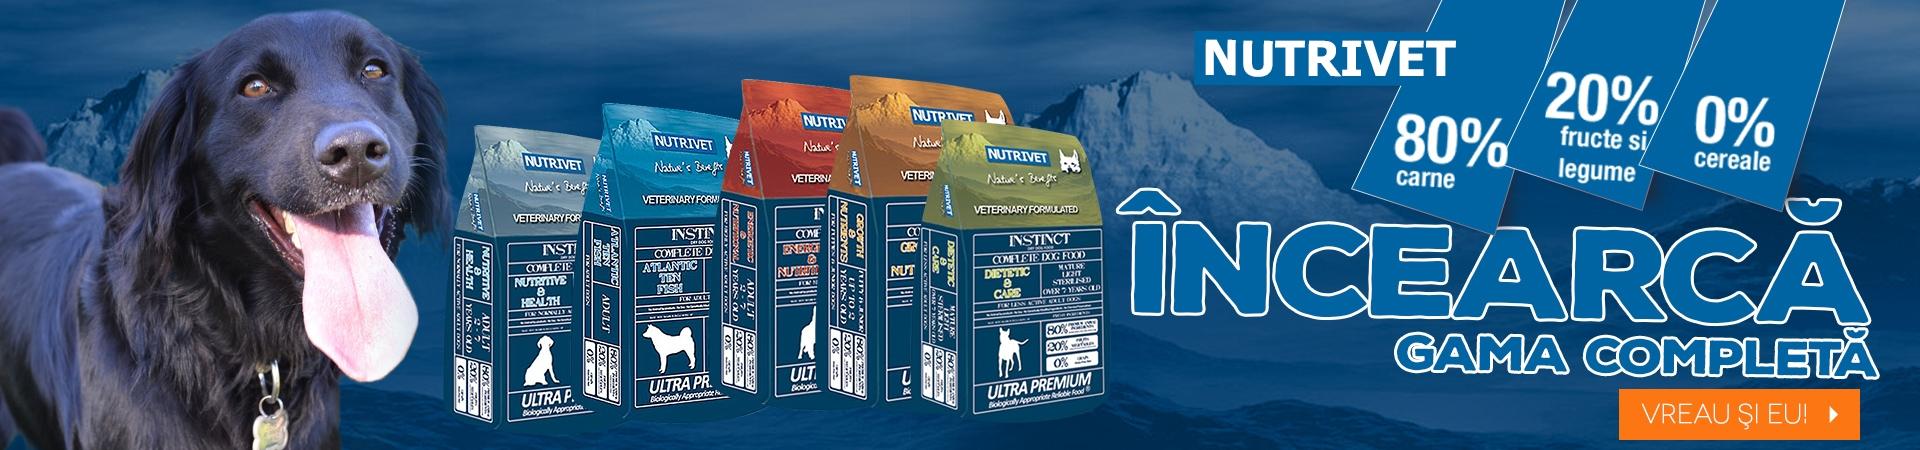 Banner Nutrivet oferta completa